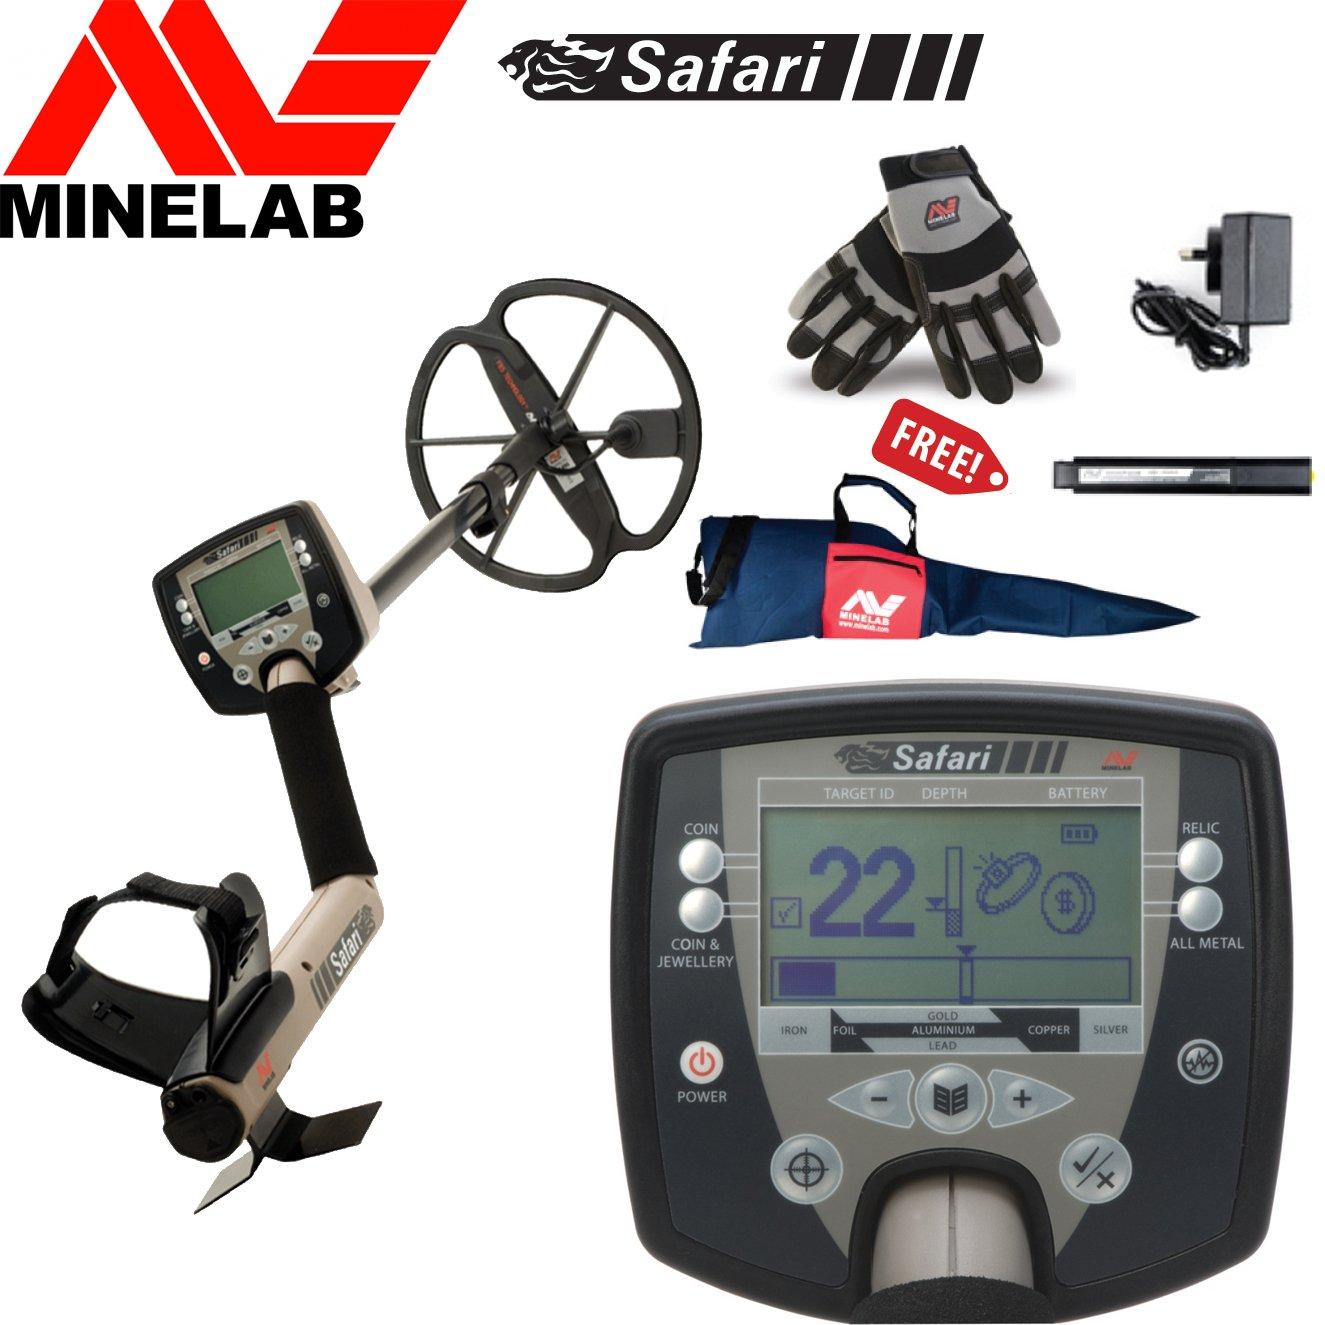 MINELAB Safari - Detector de metal especial paquete incluye minelab guantes, bolsa de transporte y minelab battery pack & Charger: Amazon.es: Jardín